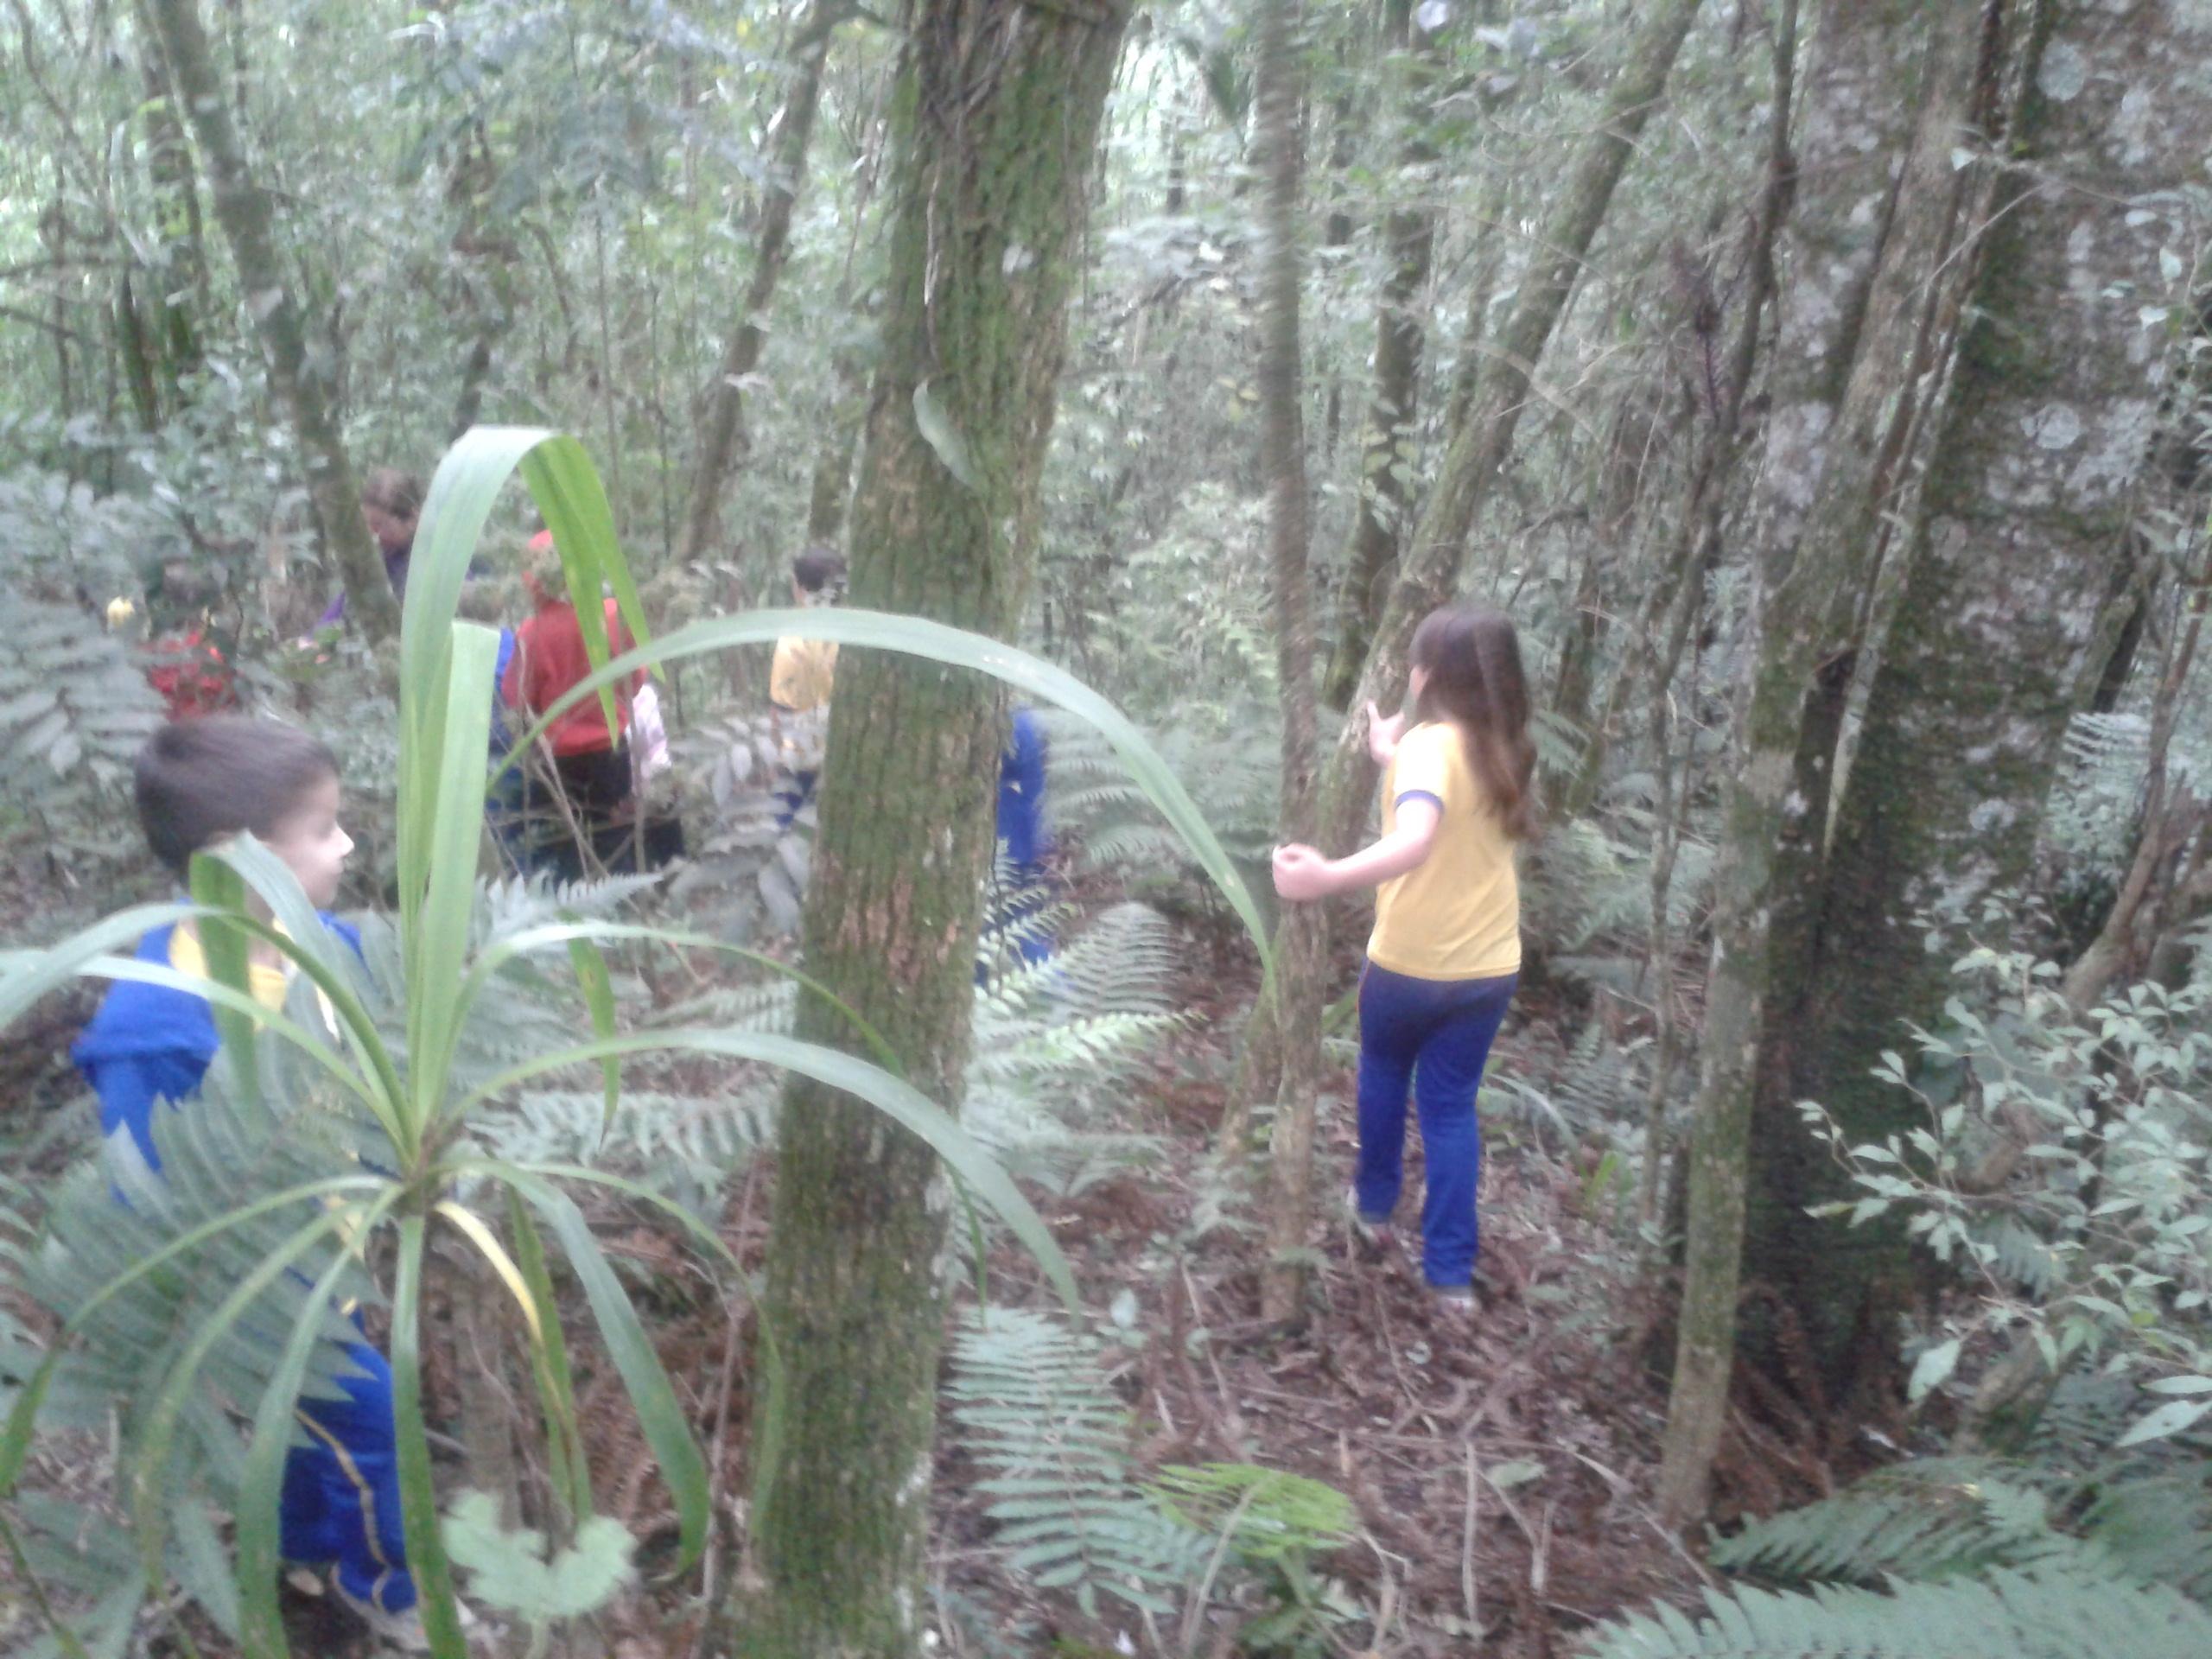 Alunos visitam área de preservação ambiental na comunidade em que está inserida.